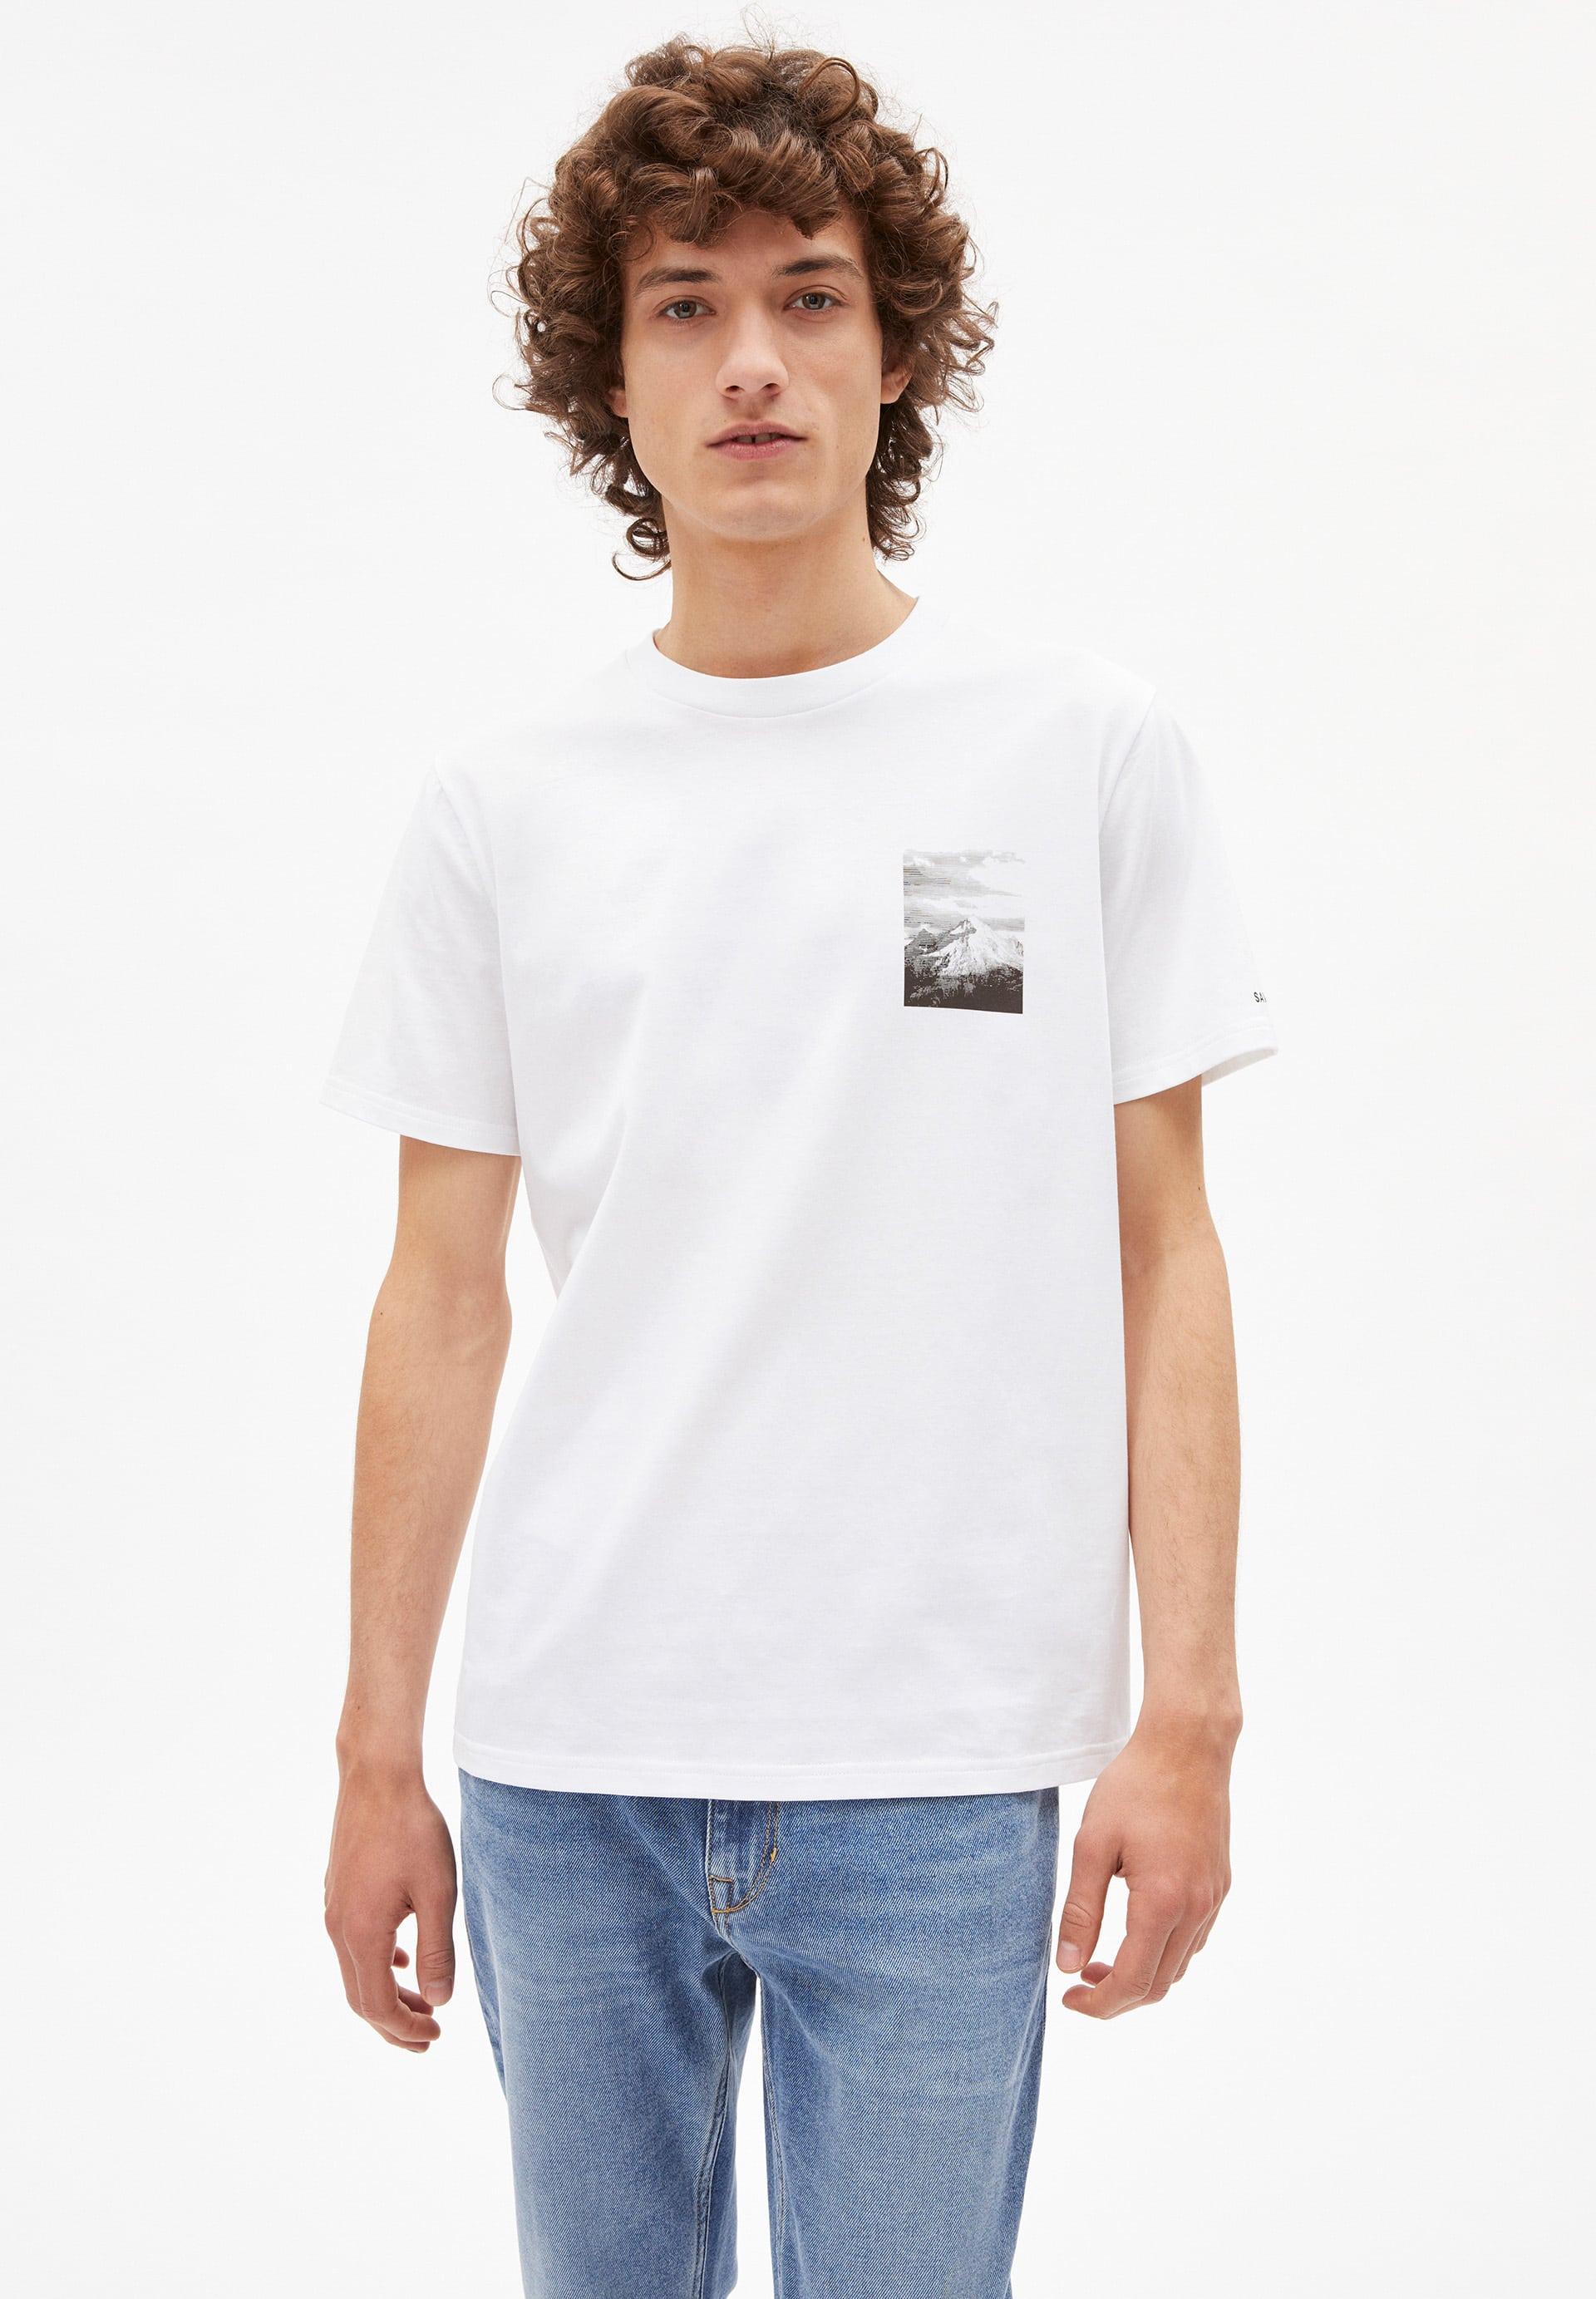 AADO PEAK T-Shirt aus Bio-Baumwolle